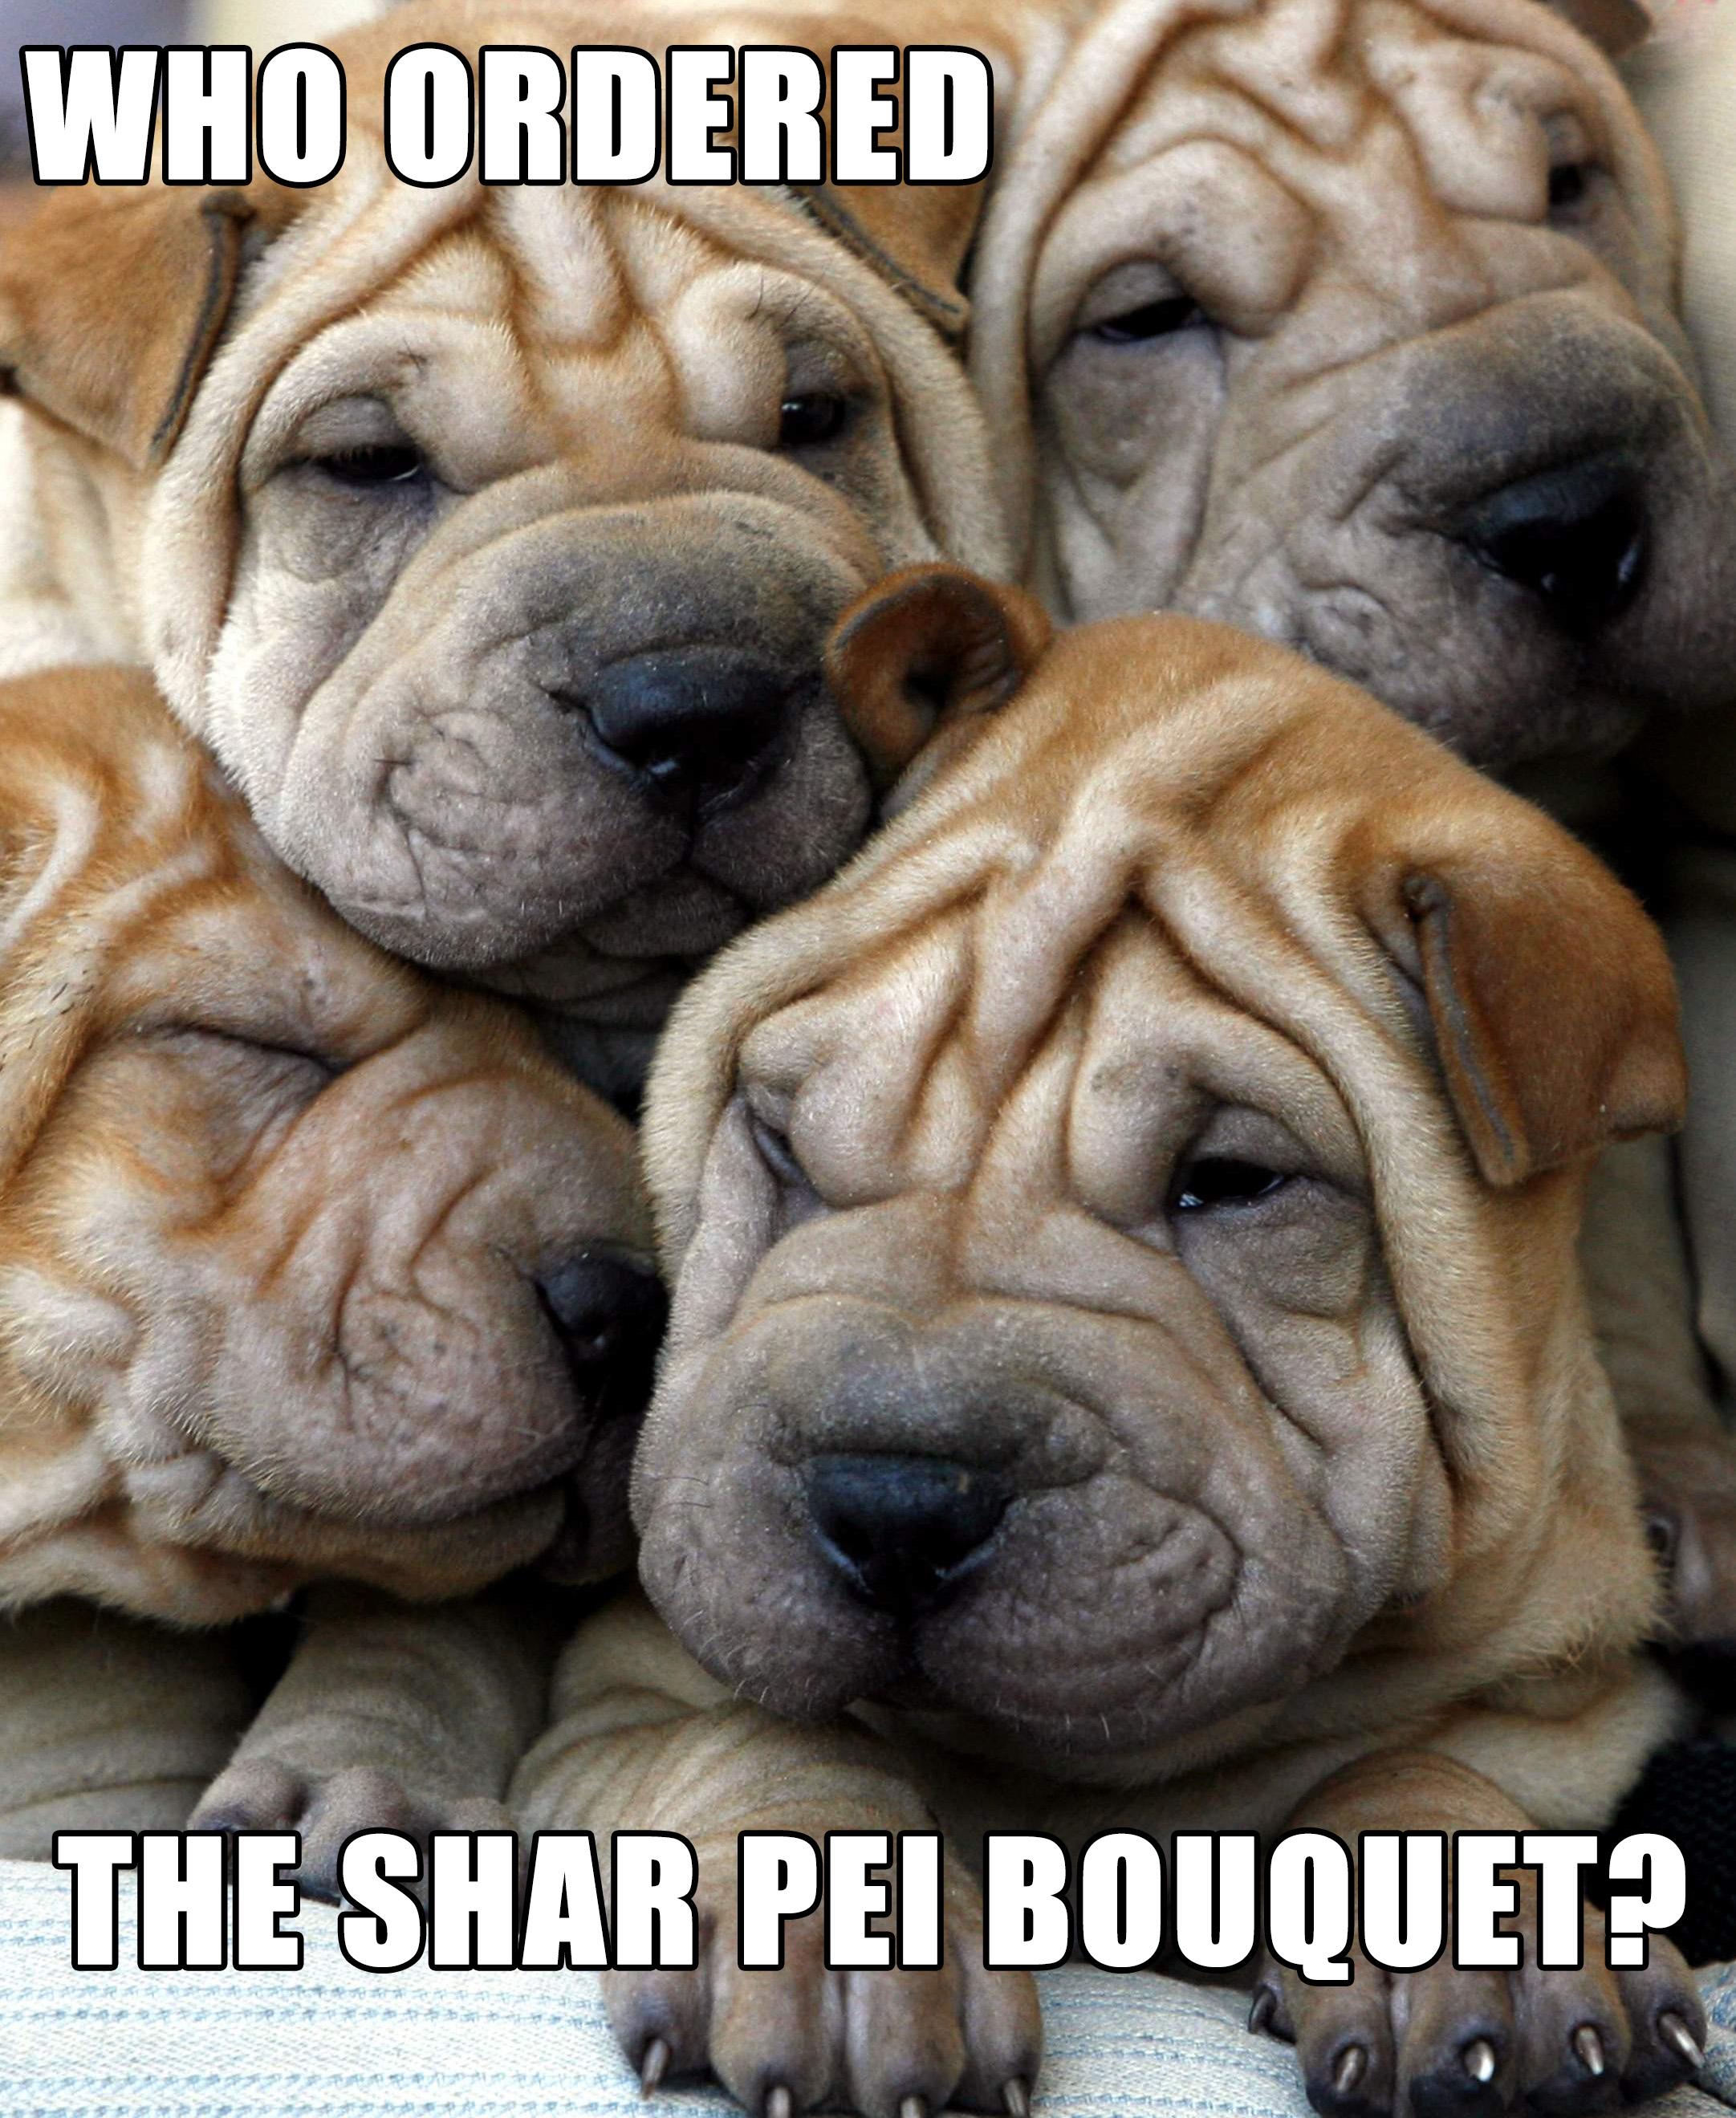 shar pei bouquet MEME